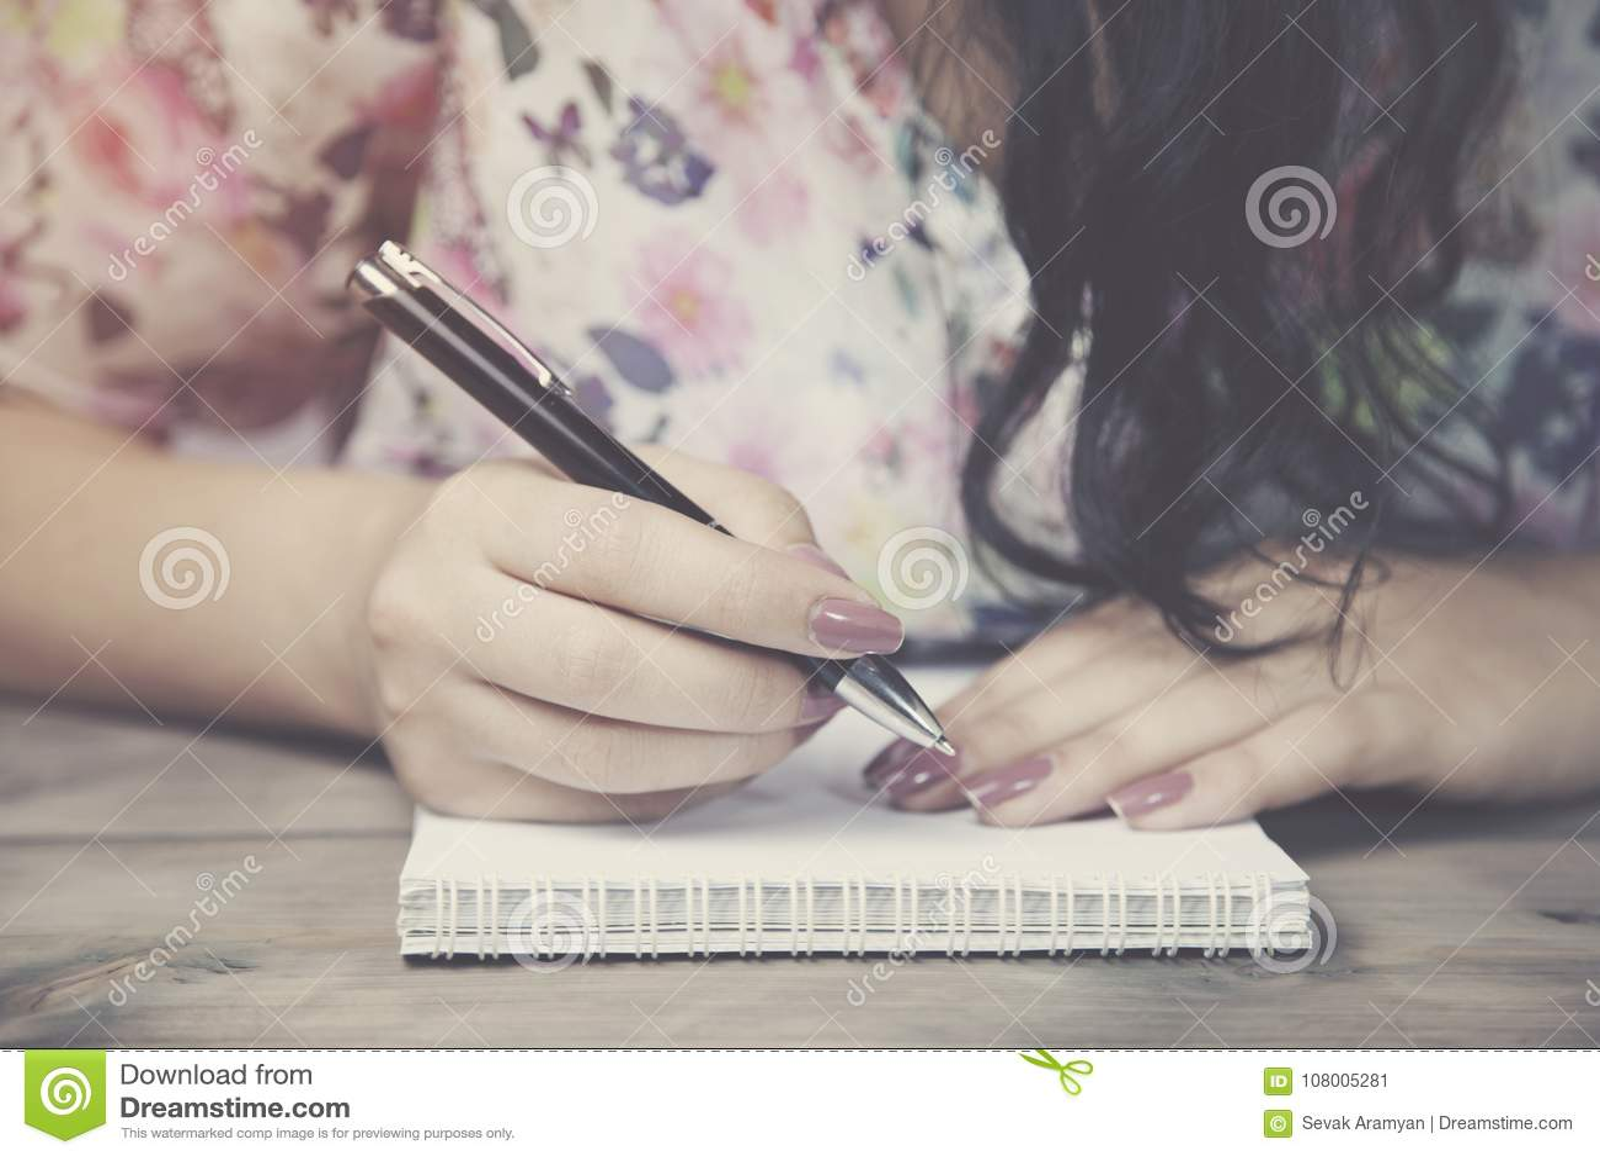 Цветы из атласных лент своими руками из тонких лент своими руками